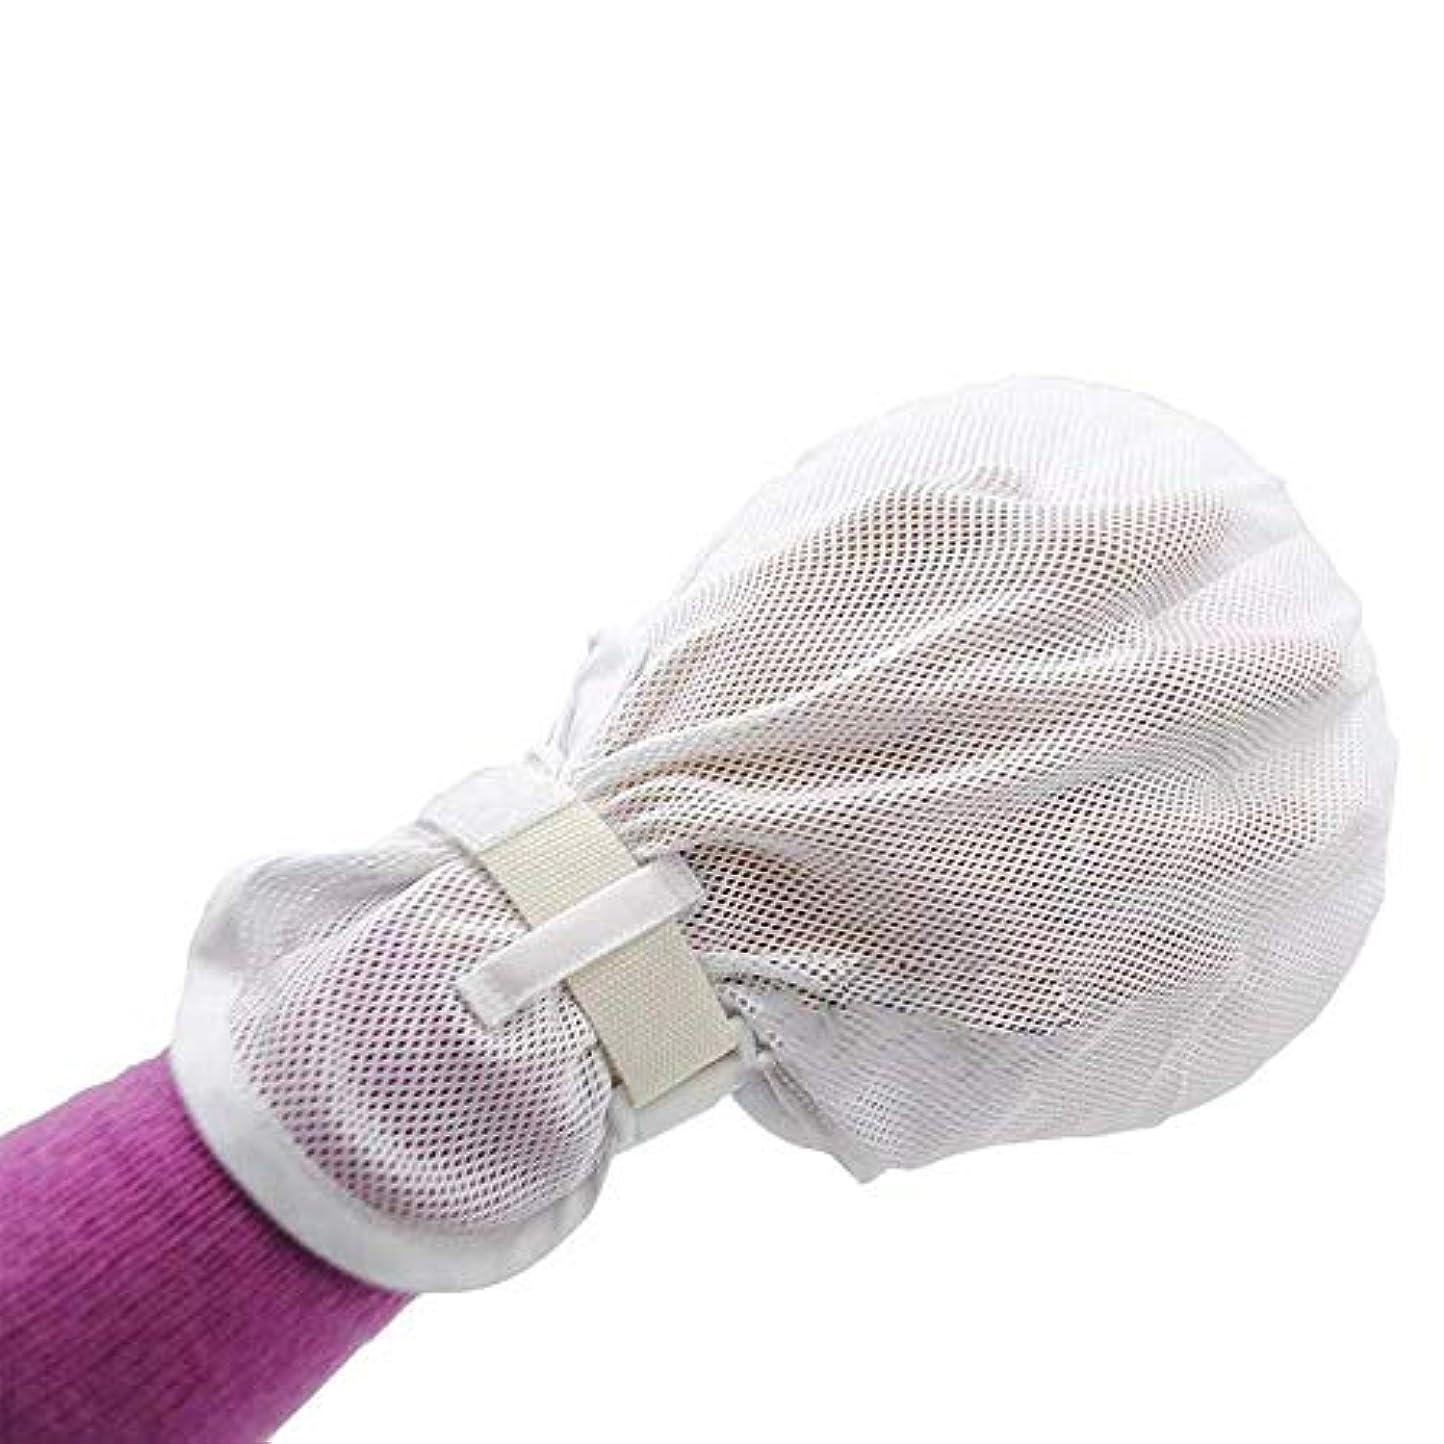 命令的ピニオンスロット安全管理ミット自己怪我ベッドレスト寝たきり患者ケア製品指の制御拘束ミット反抜管手袋予防